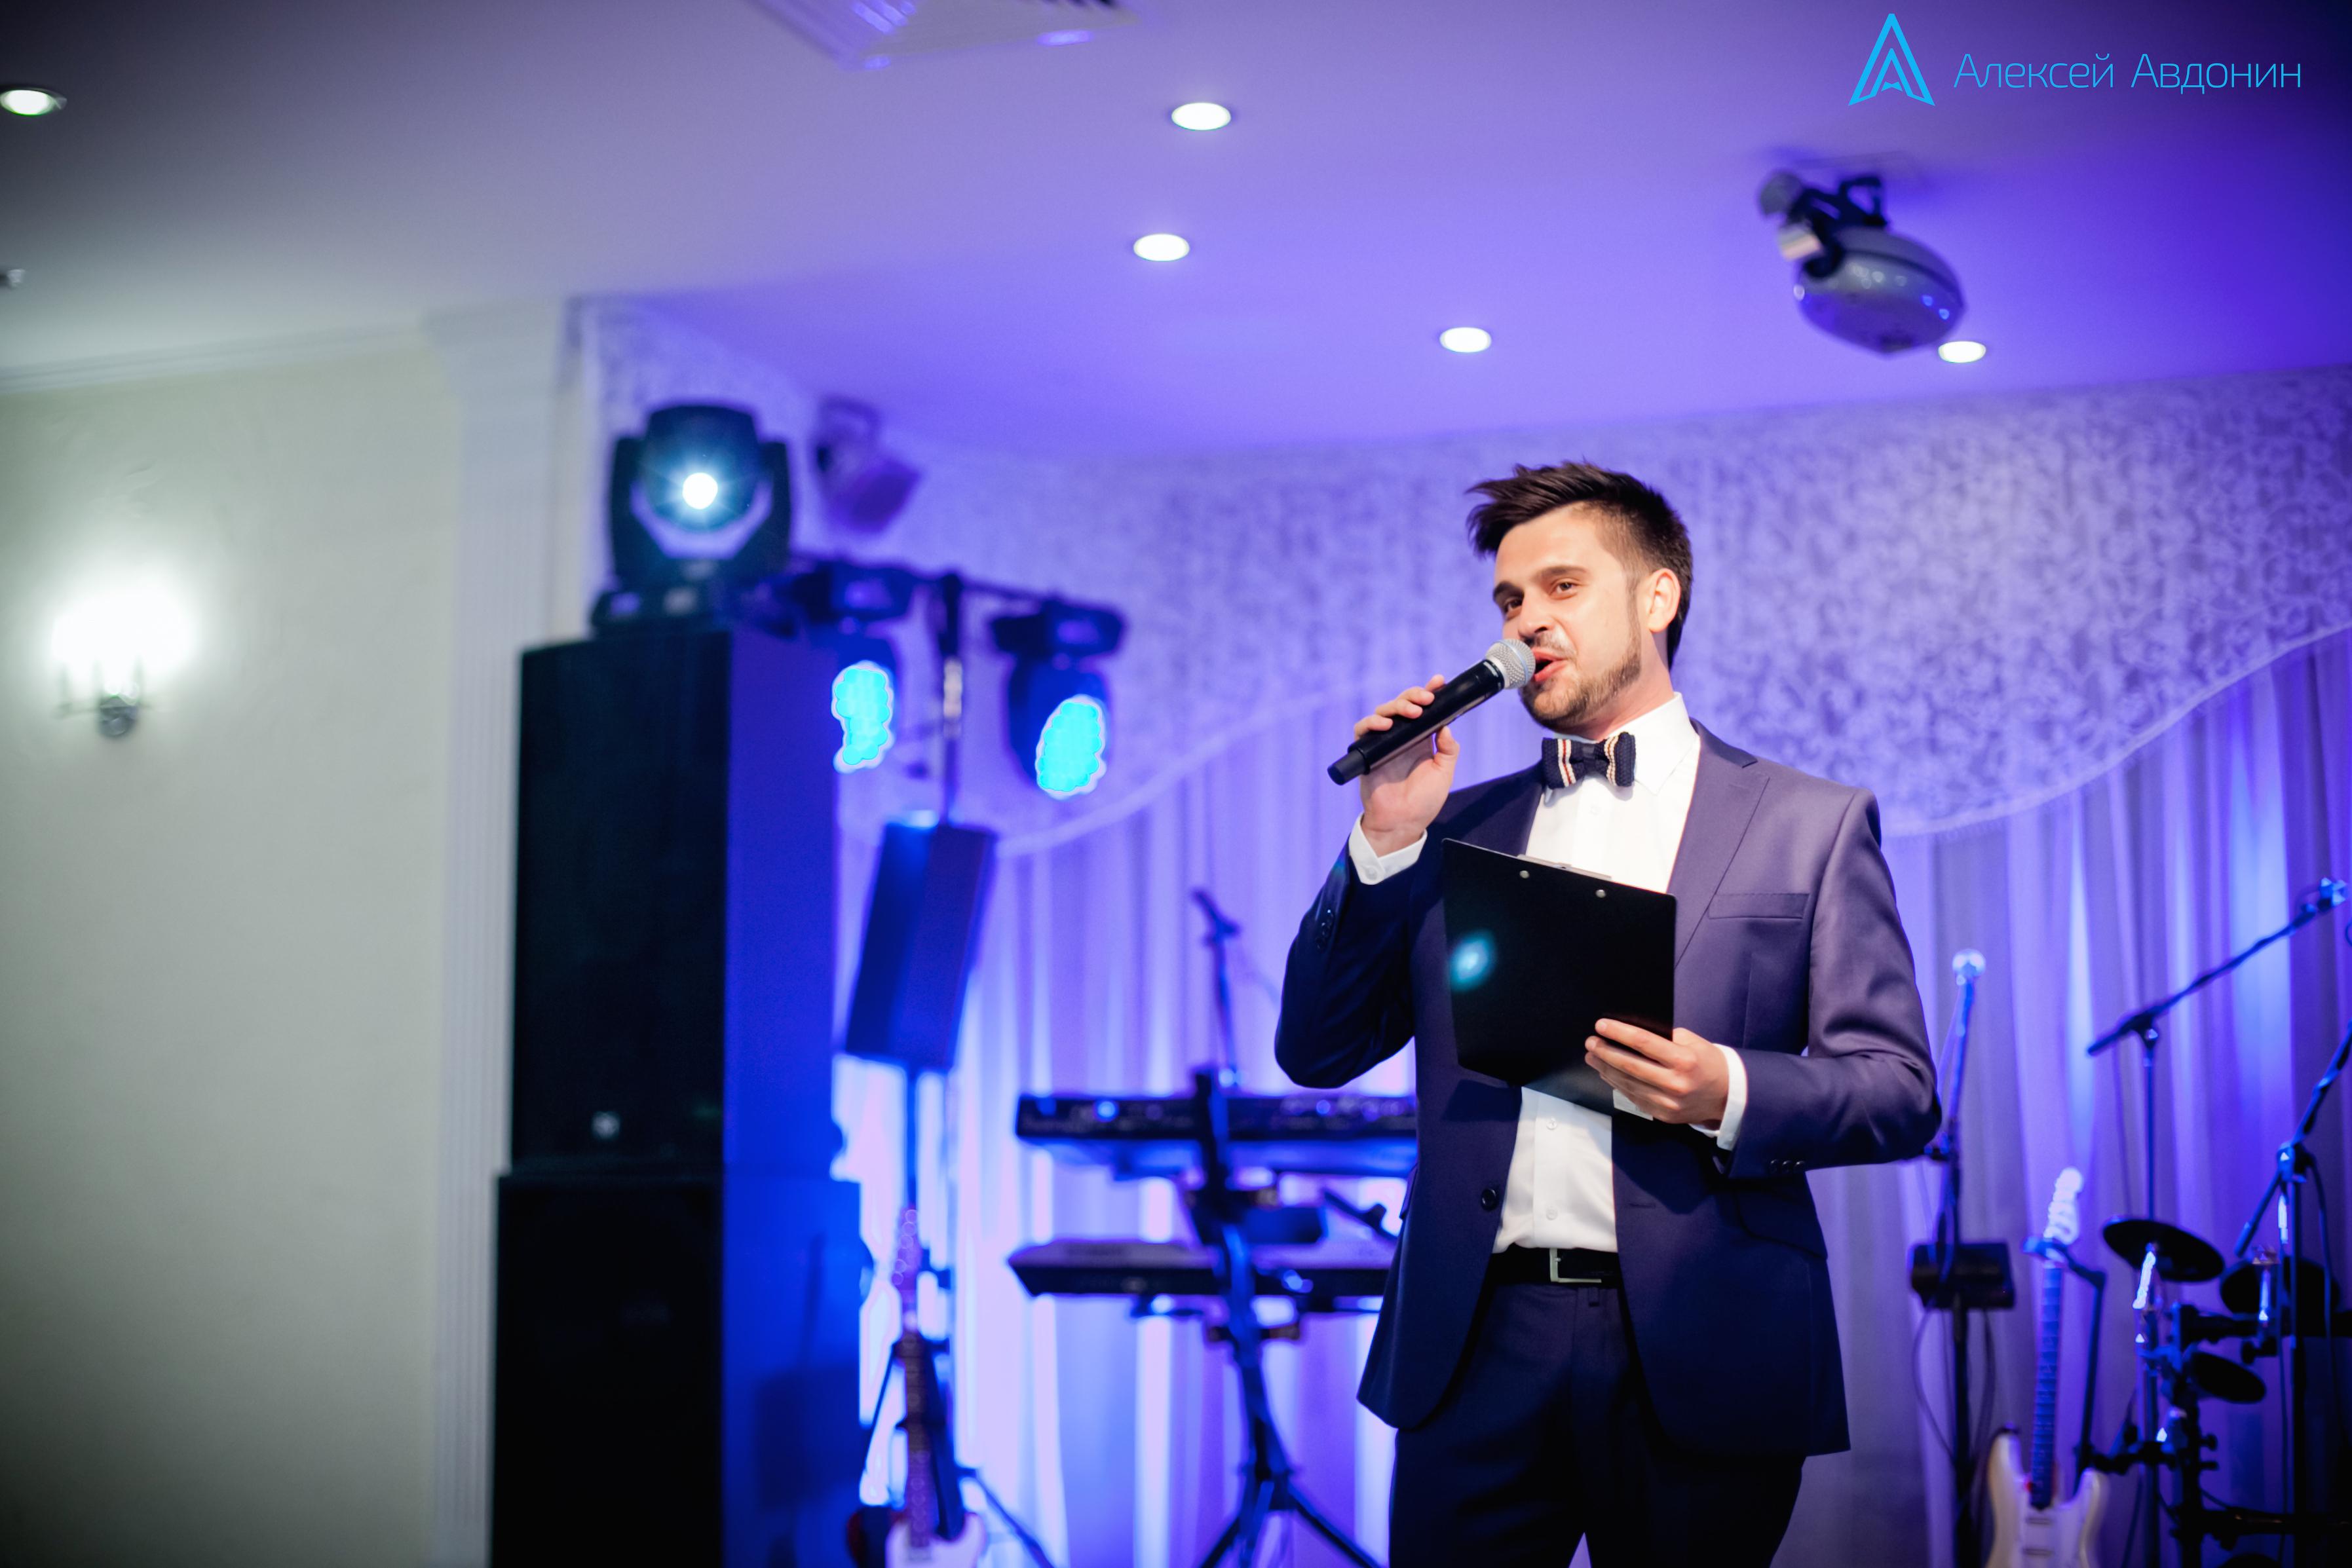 Ведущий Алексей Авдонин - юбилей министра культуры